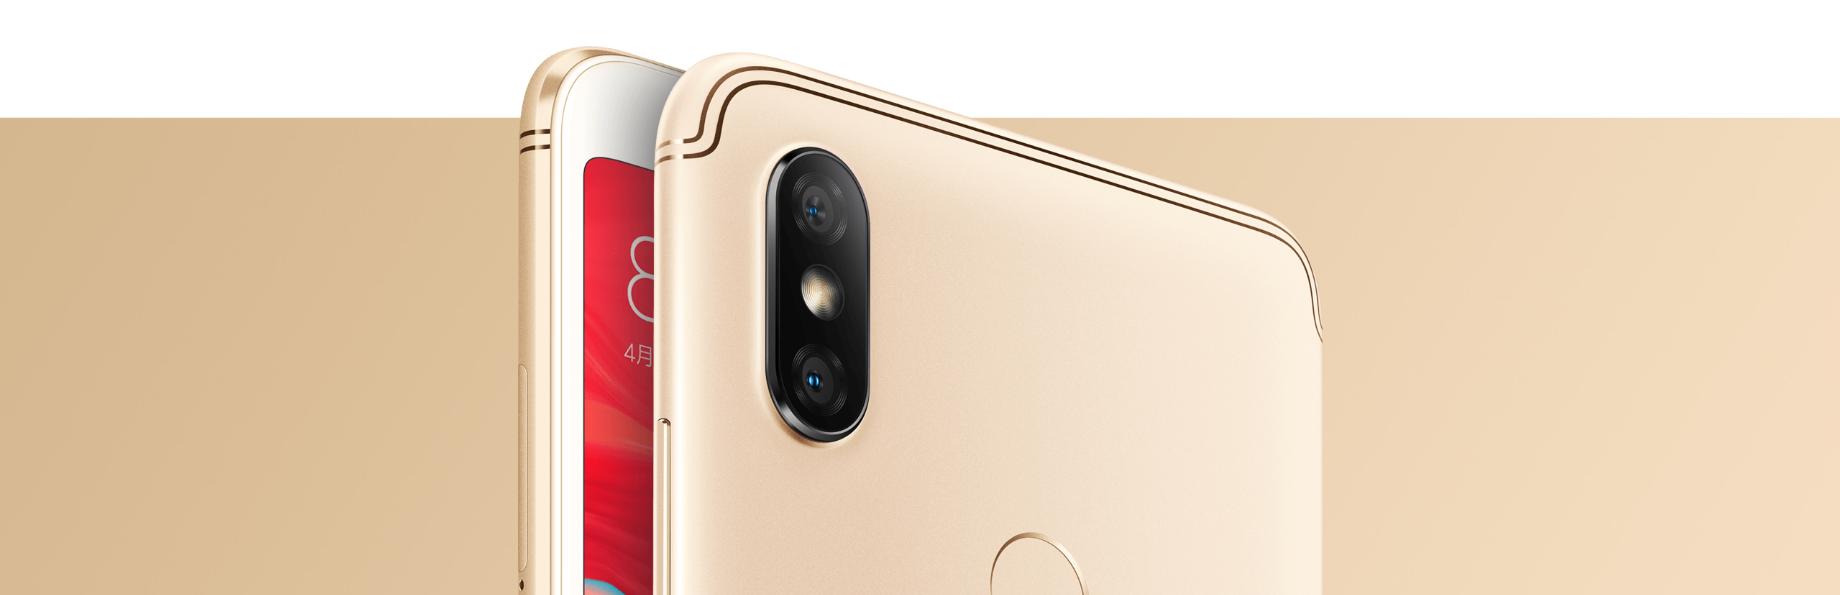 Новенький Xiaomi Redmi S2: всё для селфи